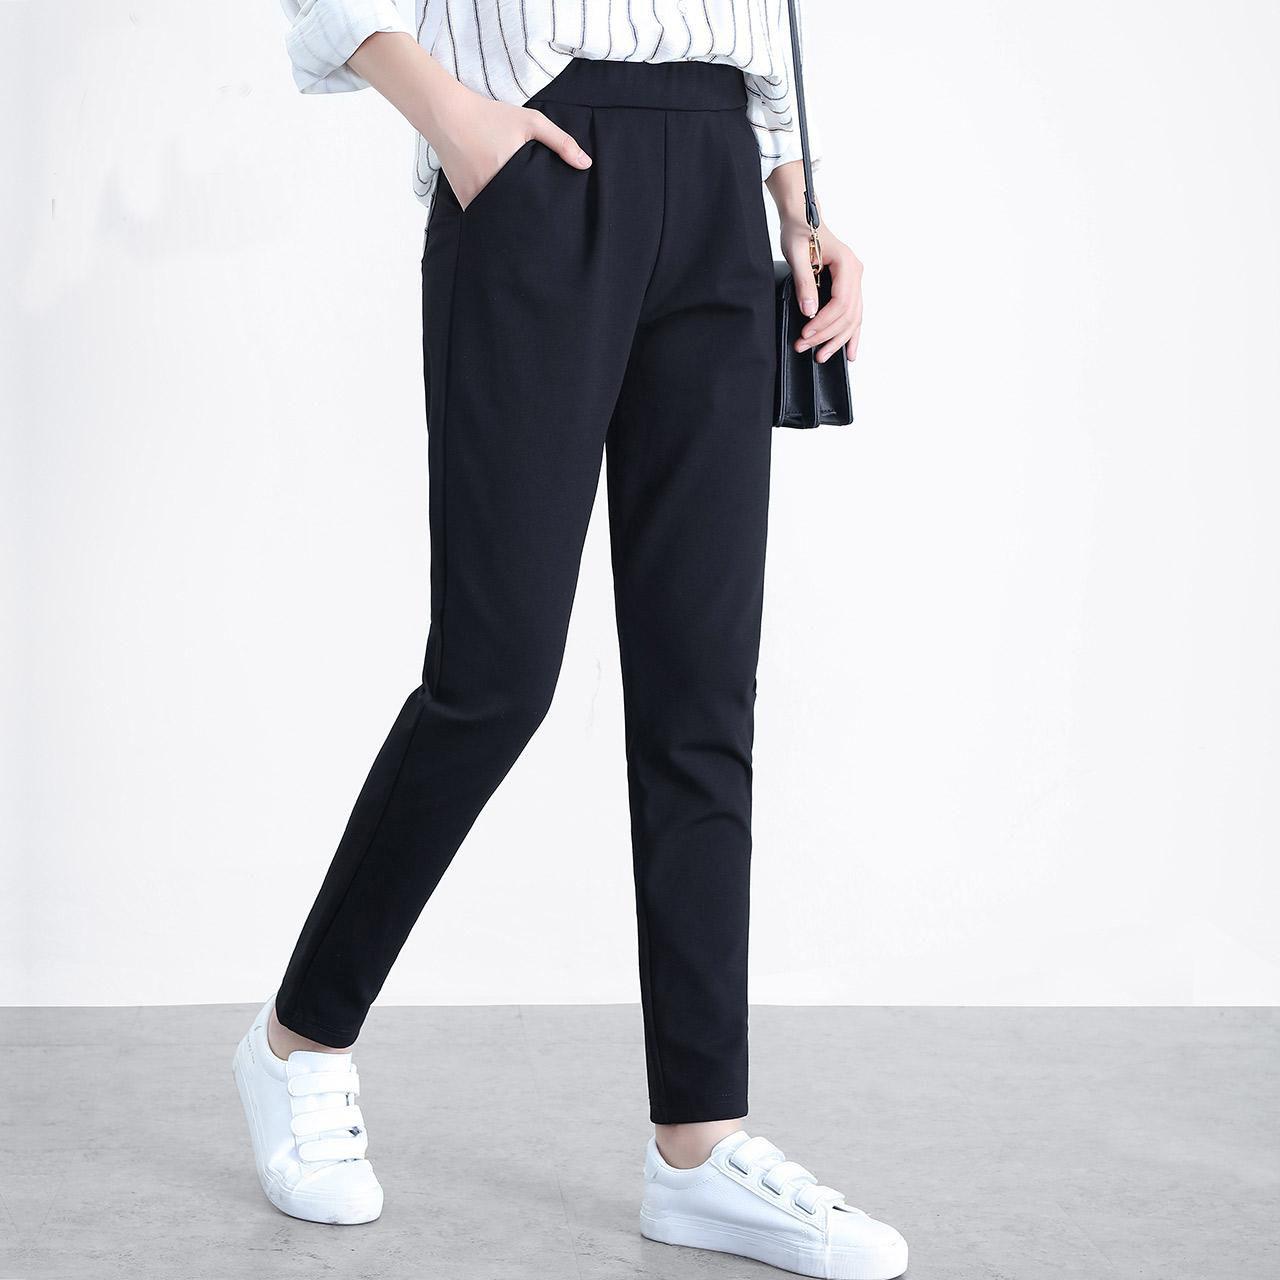 哈伦女裤新款长裤